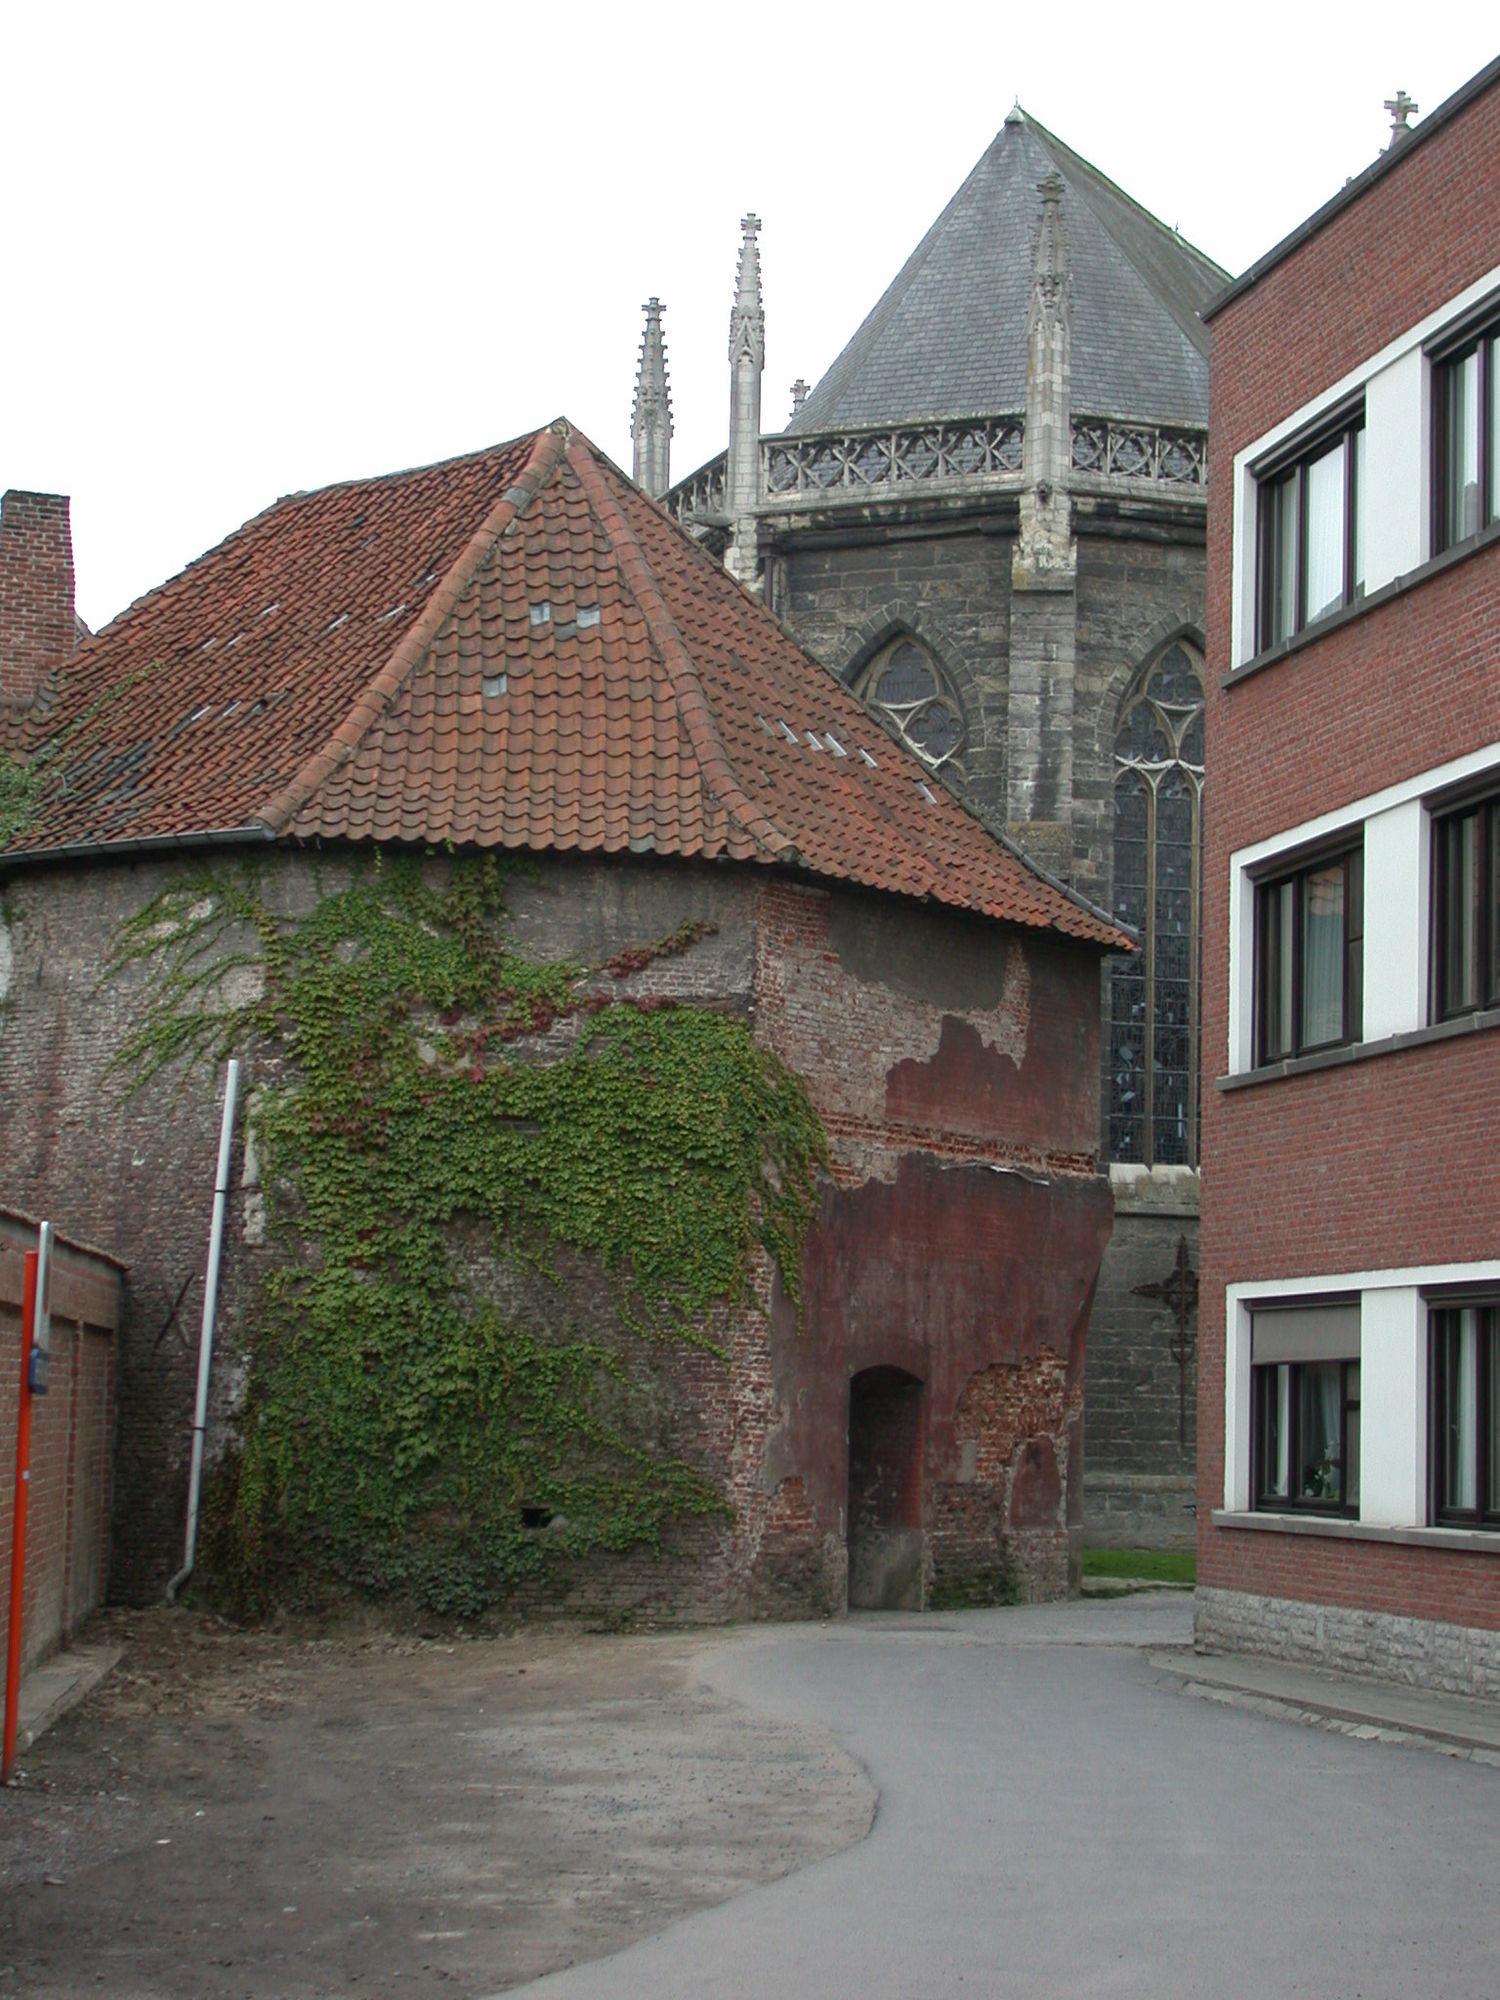 Artillerietoren Oud Kortrijk